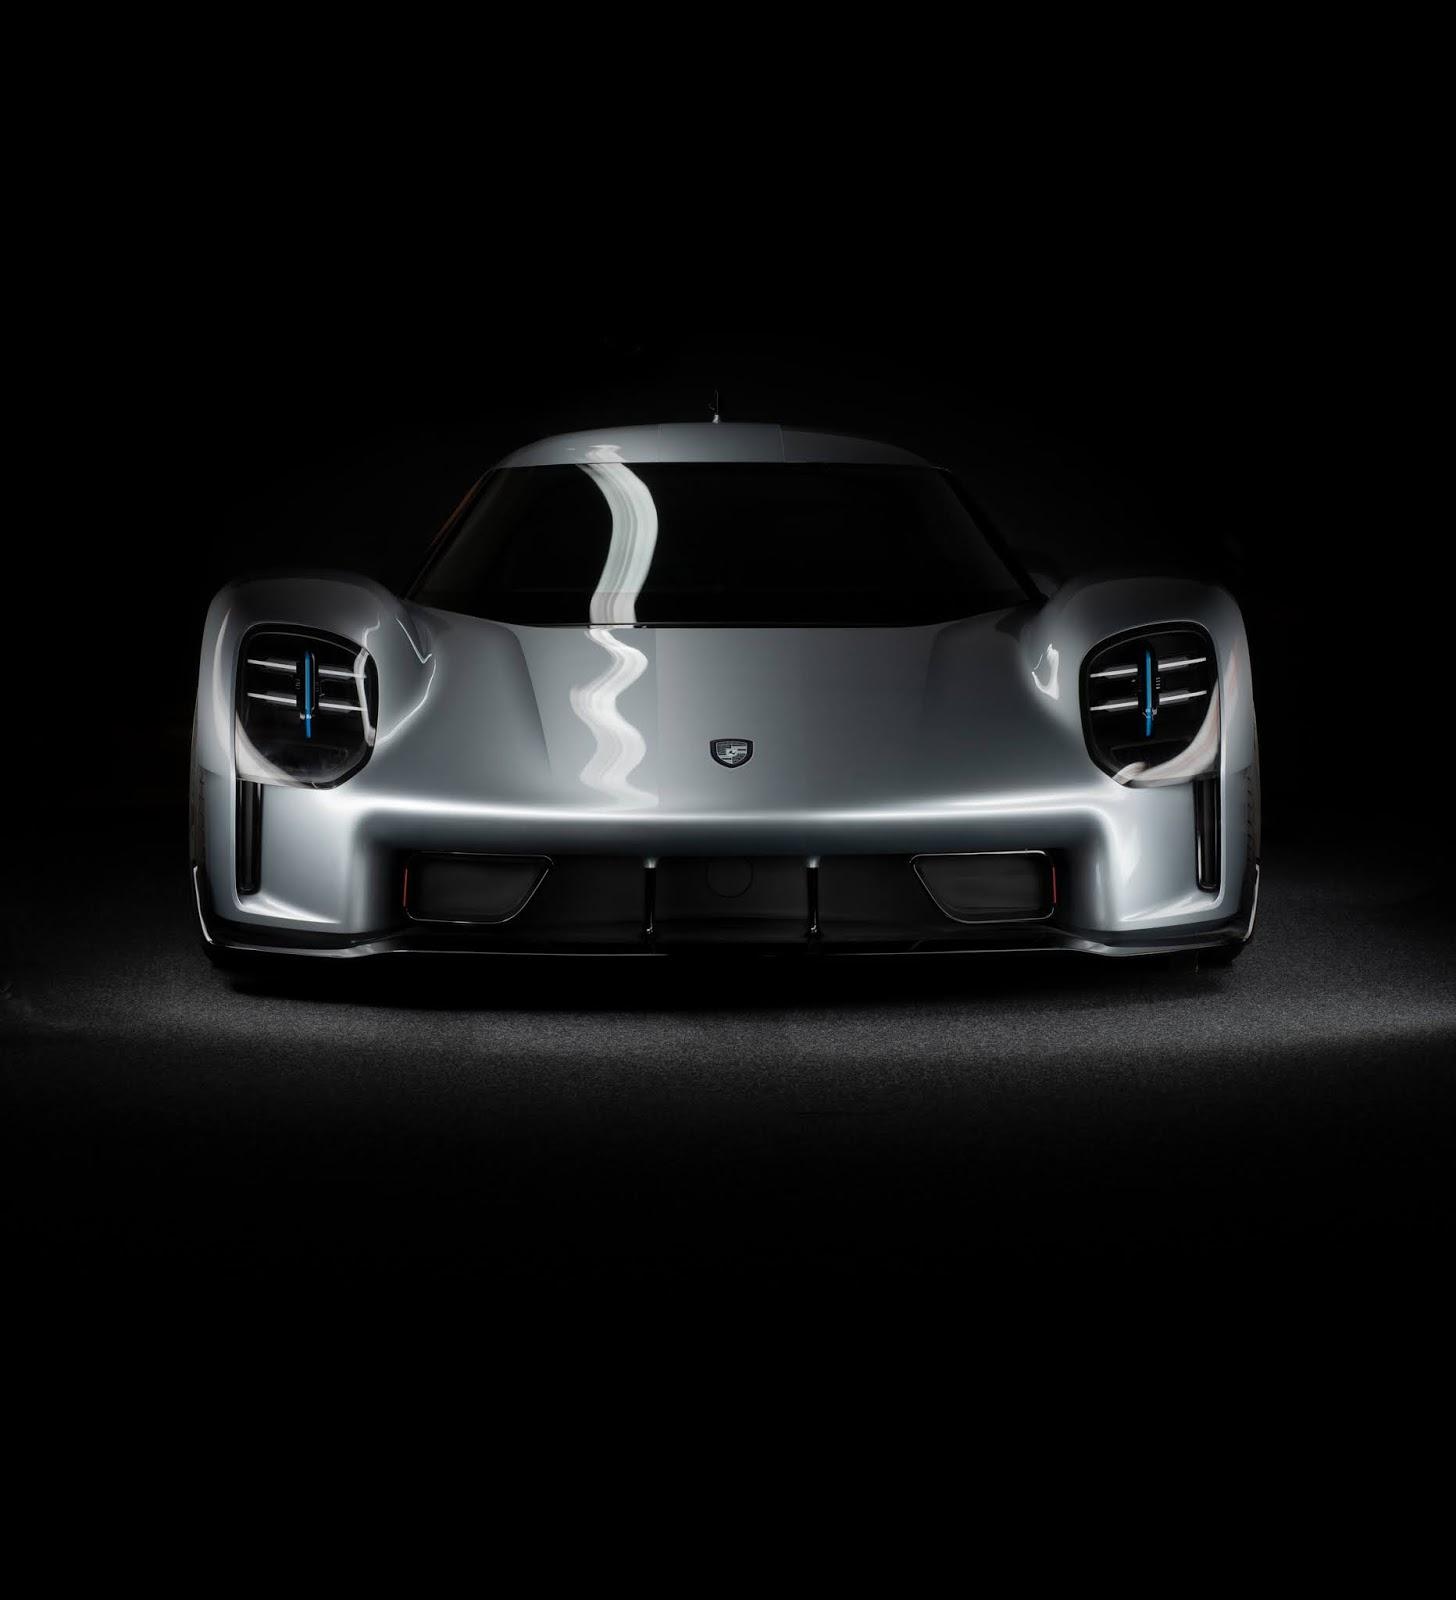 DSC9352 Τα άγνωστα Hypercars της Porsche hypercar, Porsche, Porsche Unseen, Sunday, supercar, supercars, zblog, ειδήσεις